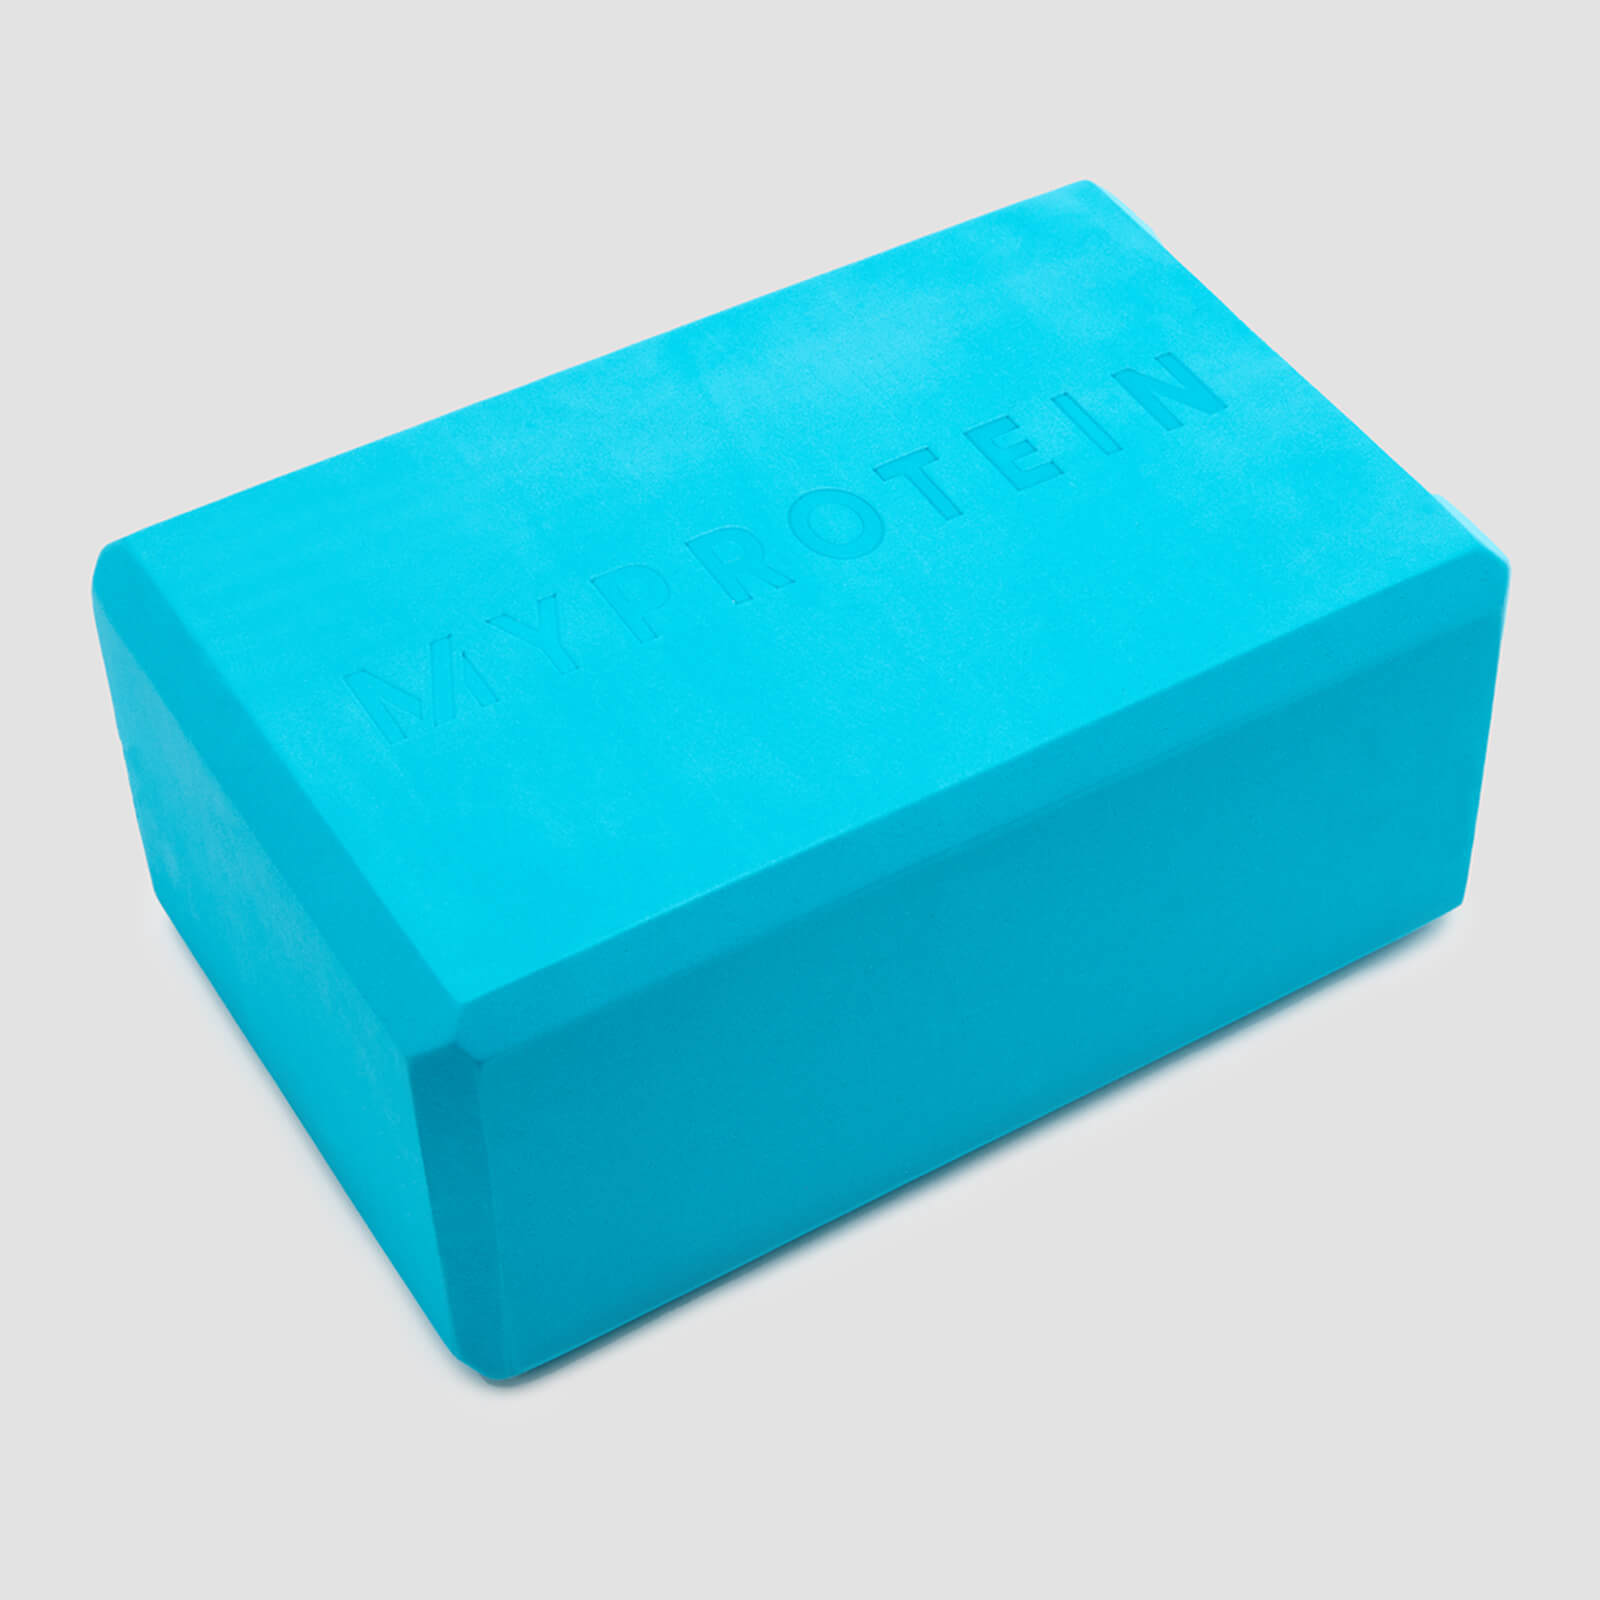 Myprotein Yoga Block - Blue